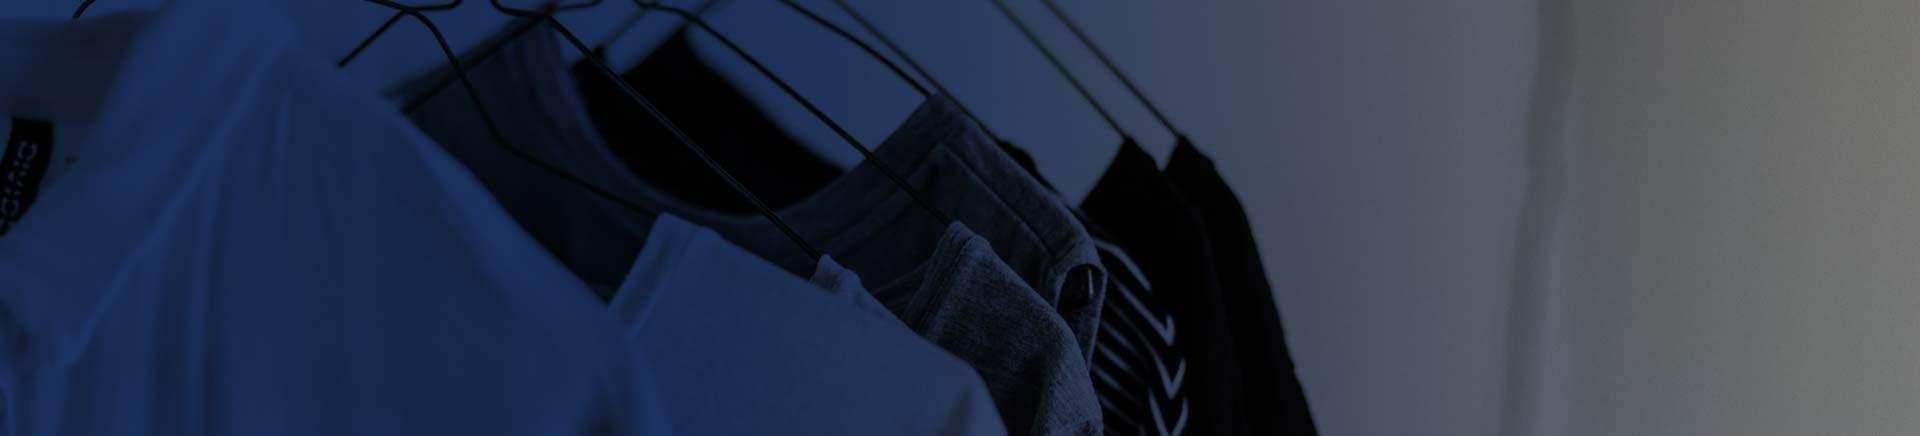 Sweatshirt | JAVRO Stoffmarkt